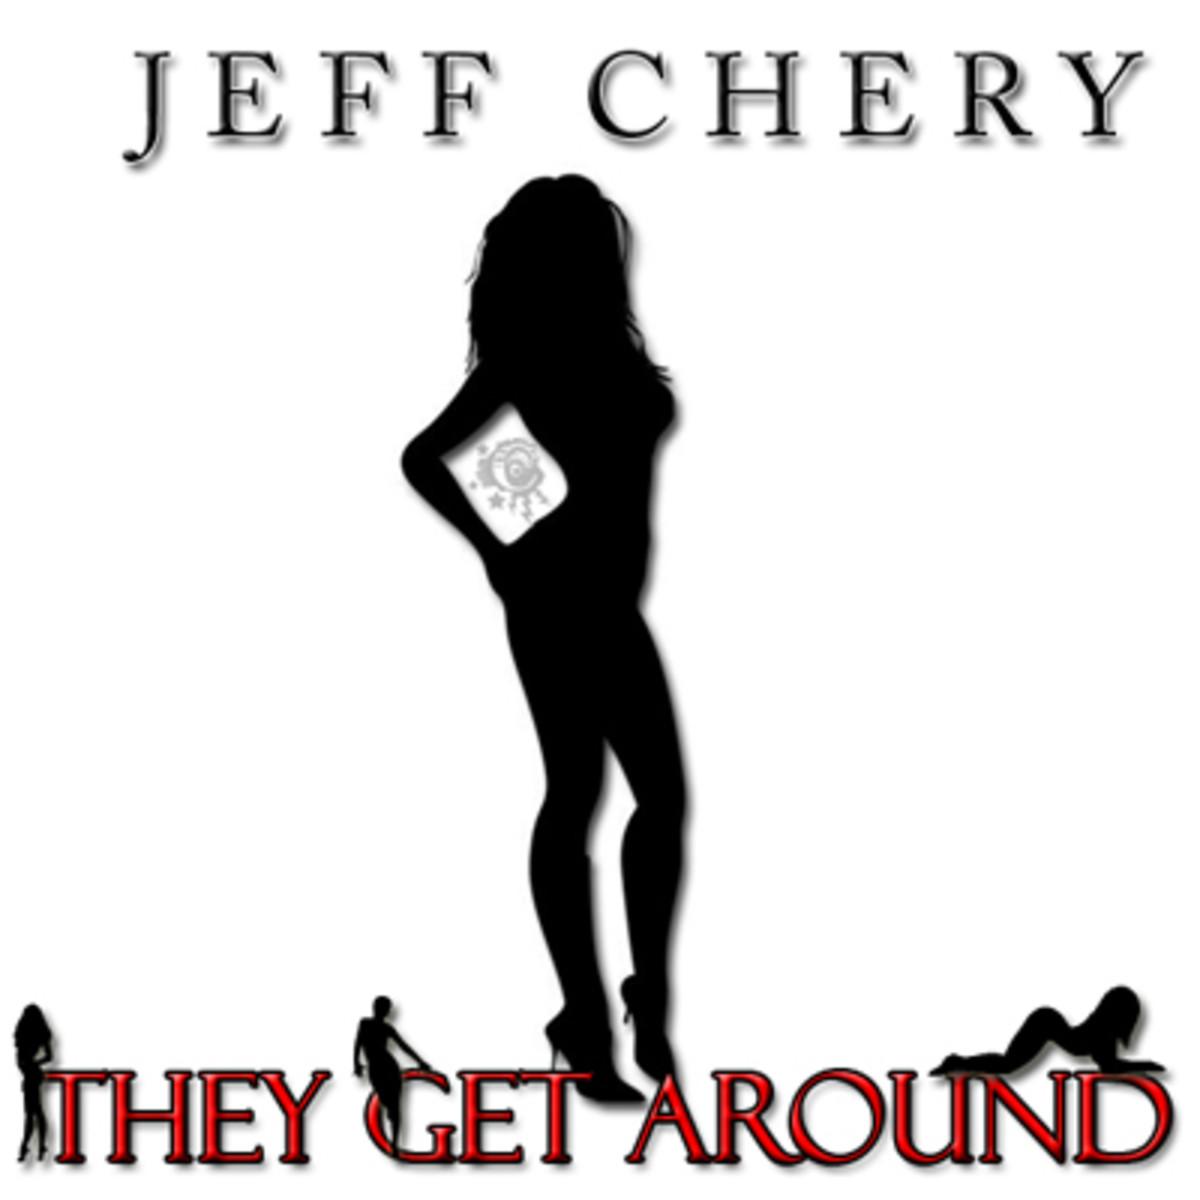 jeffchery-theygetaround.jpg